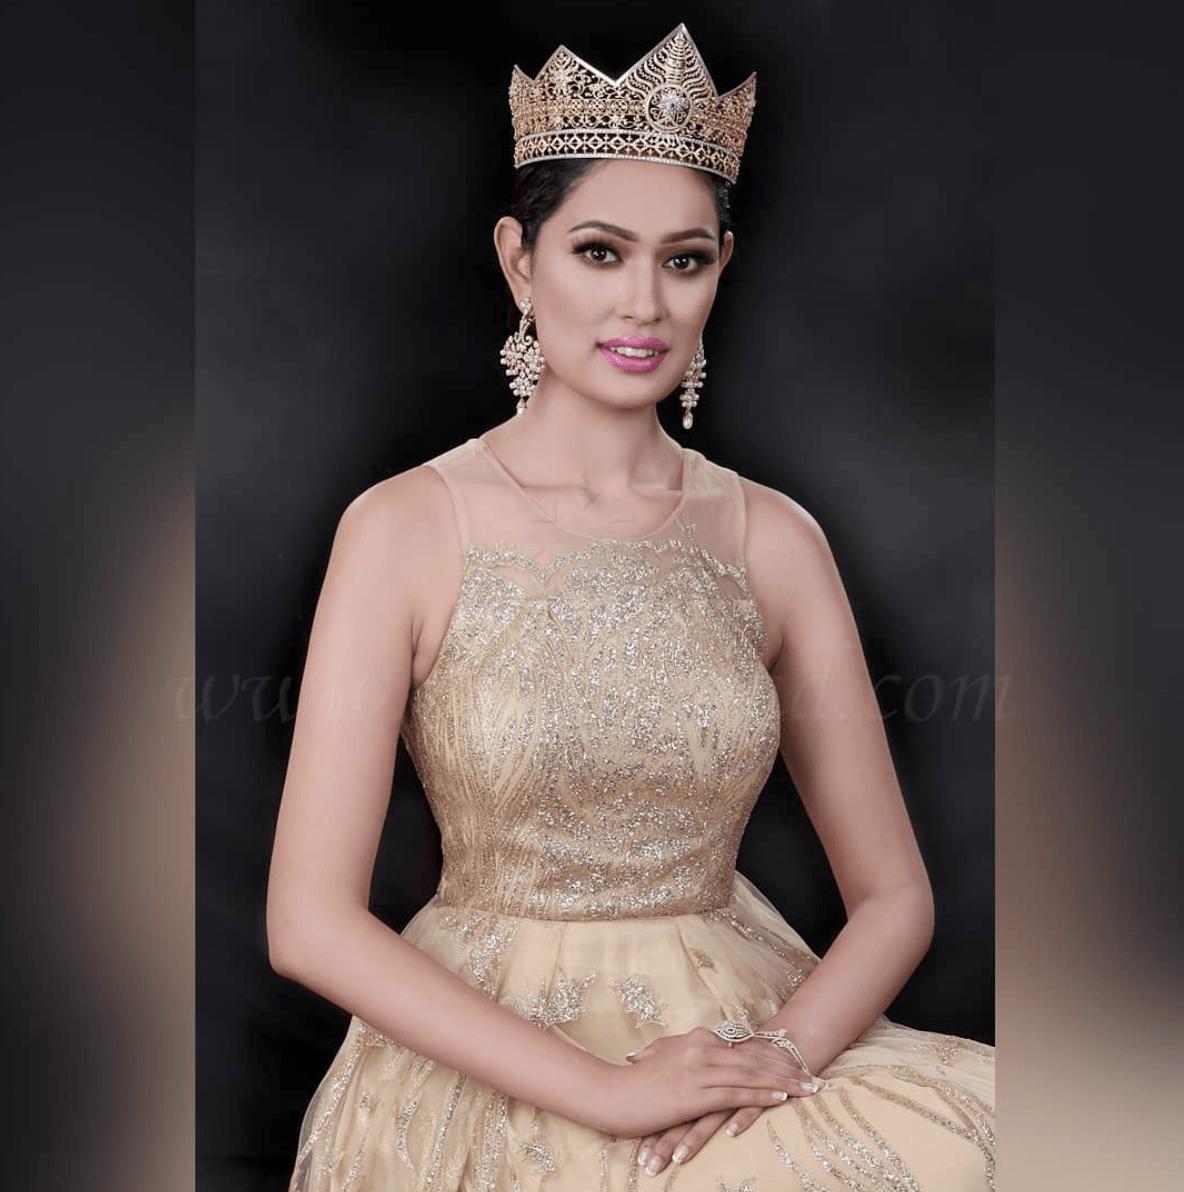 Priya Sigdel